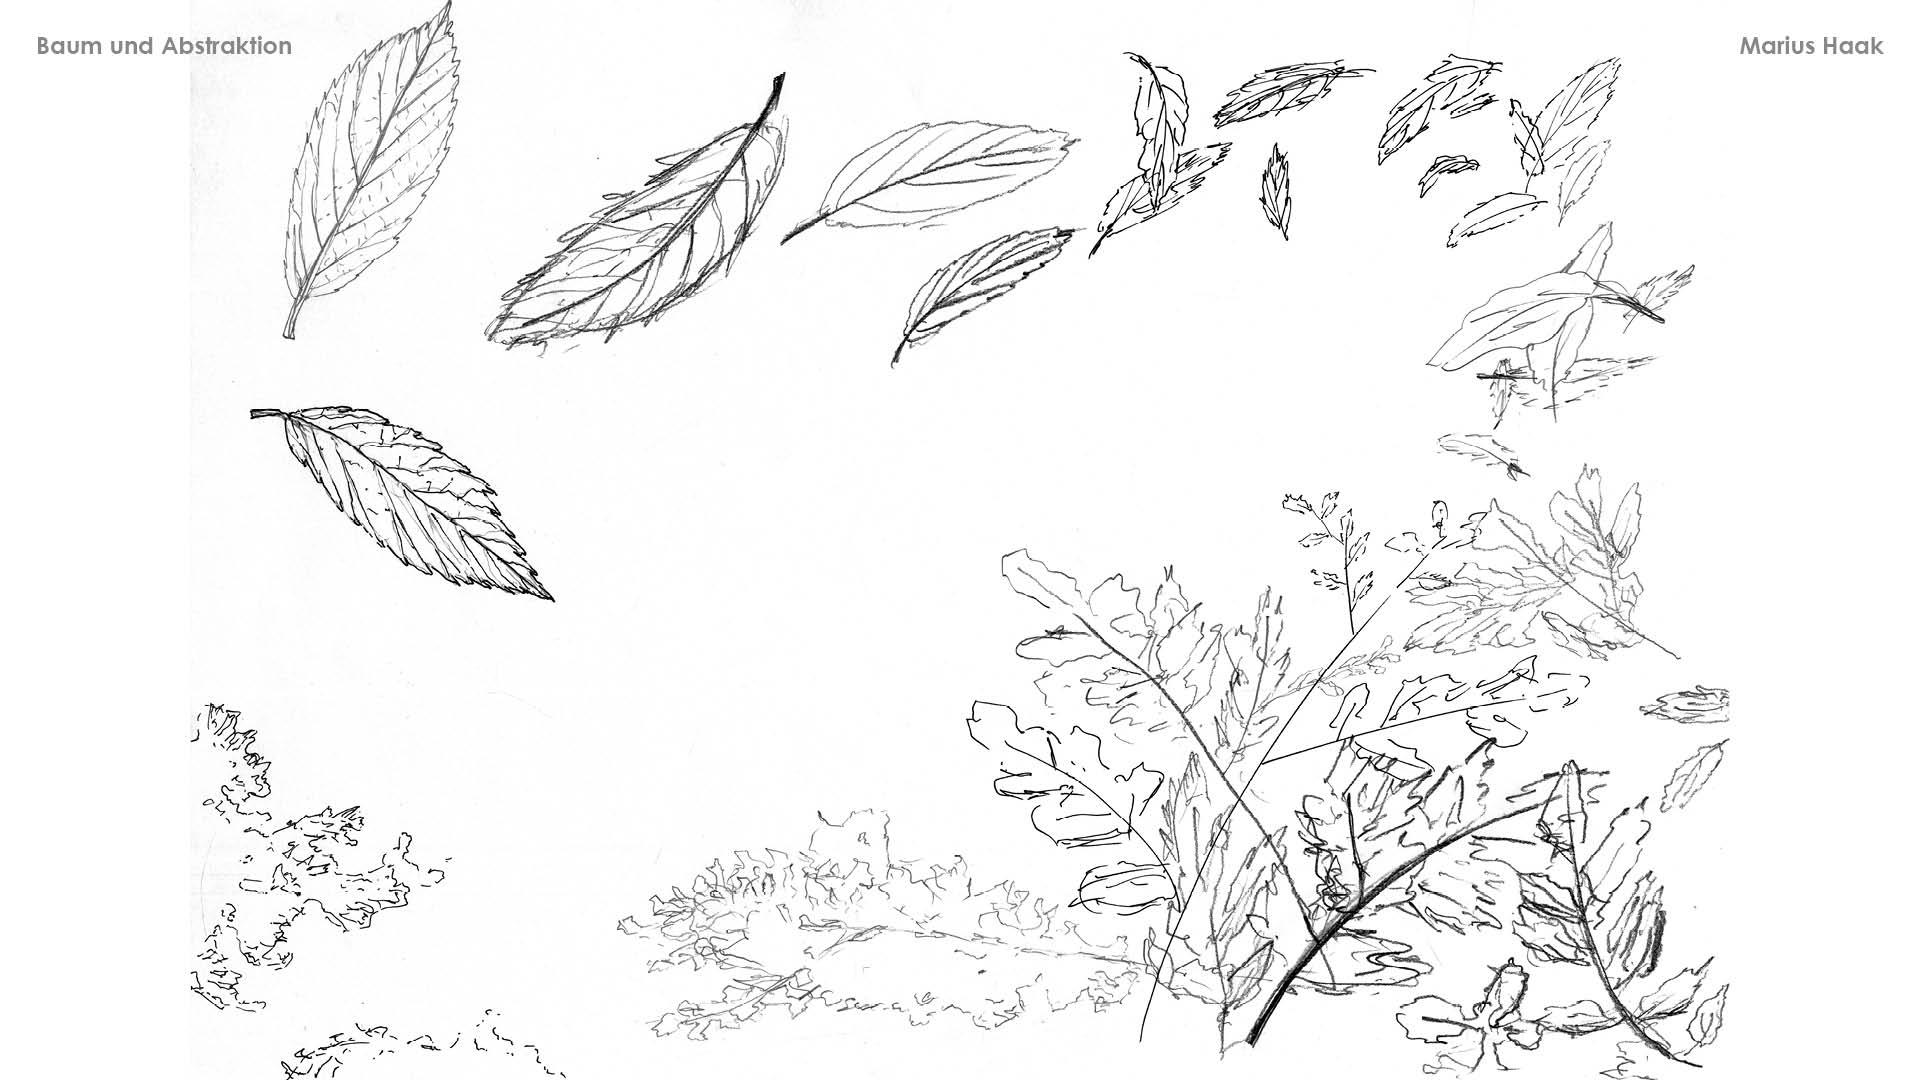 18 1 Bildnerisches Gestalten Leporellos Einzelarbeiten23